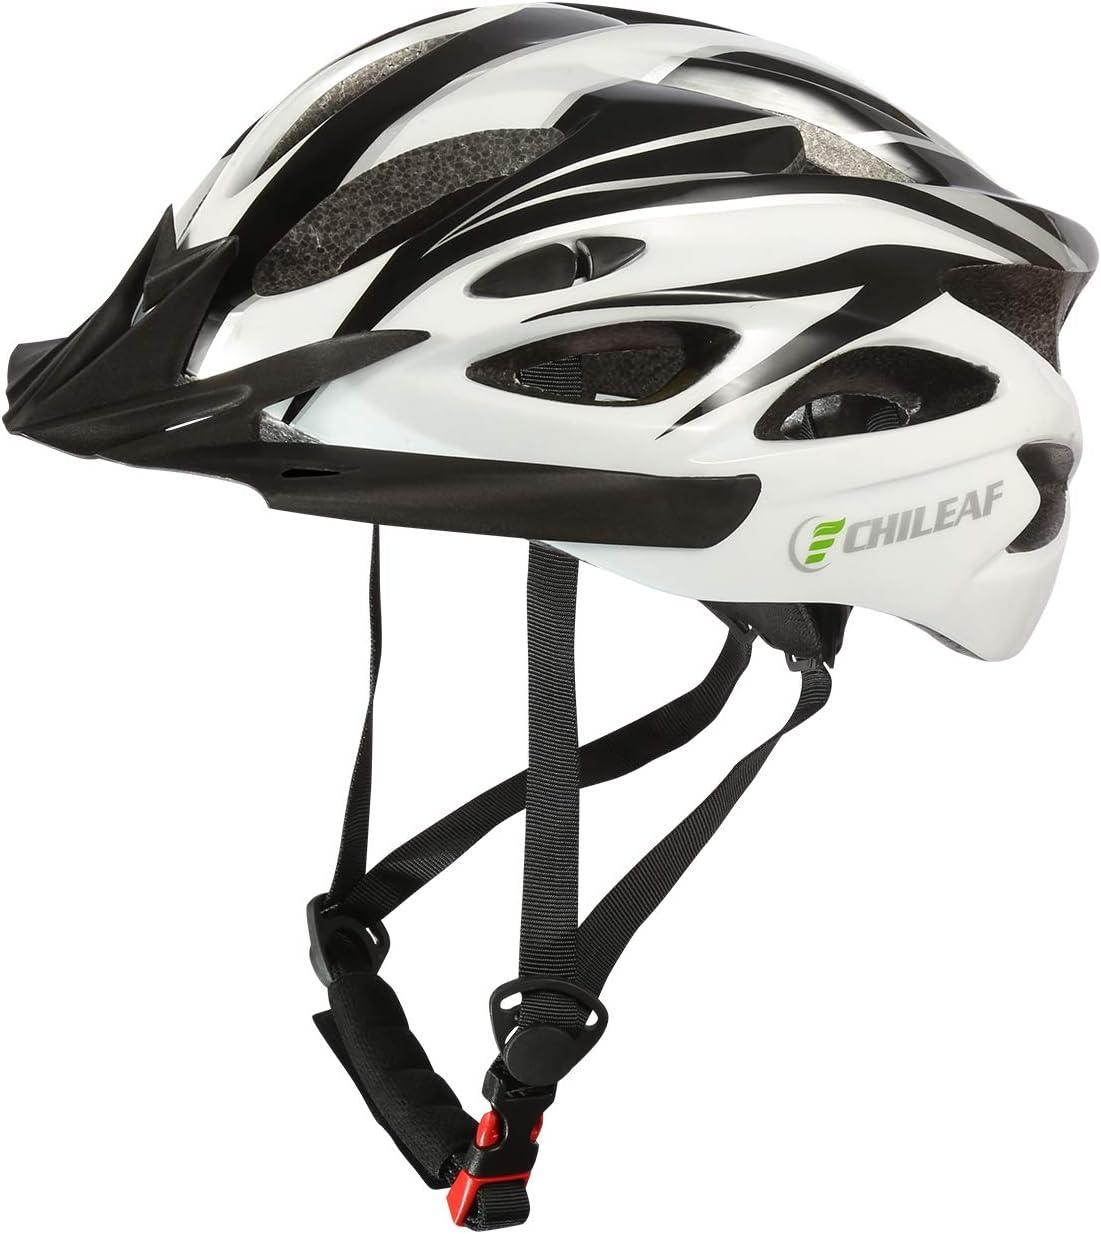 CHILEAF Jugend & Erwachsene Fahrradhelm CE EN1078, EPS-Körper + PC-Schale, Robust und Ultraleicht, mit Abnehmbarem Visier und Polsterung, mit...